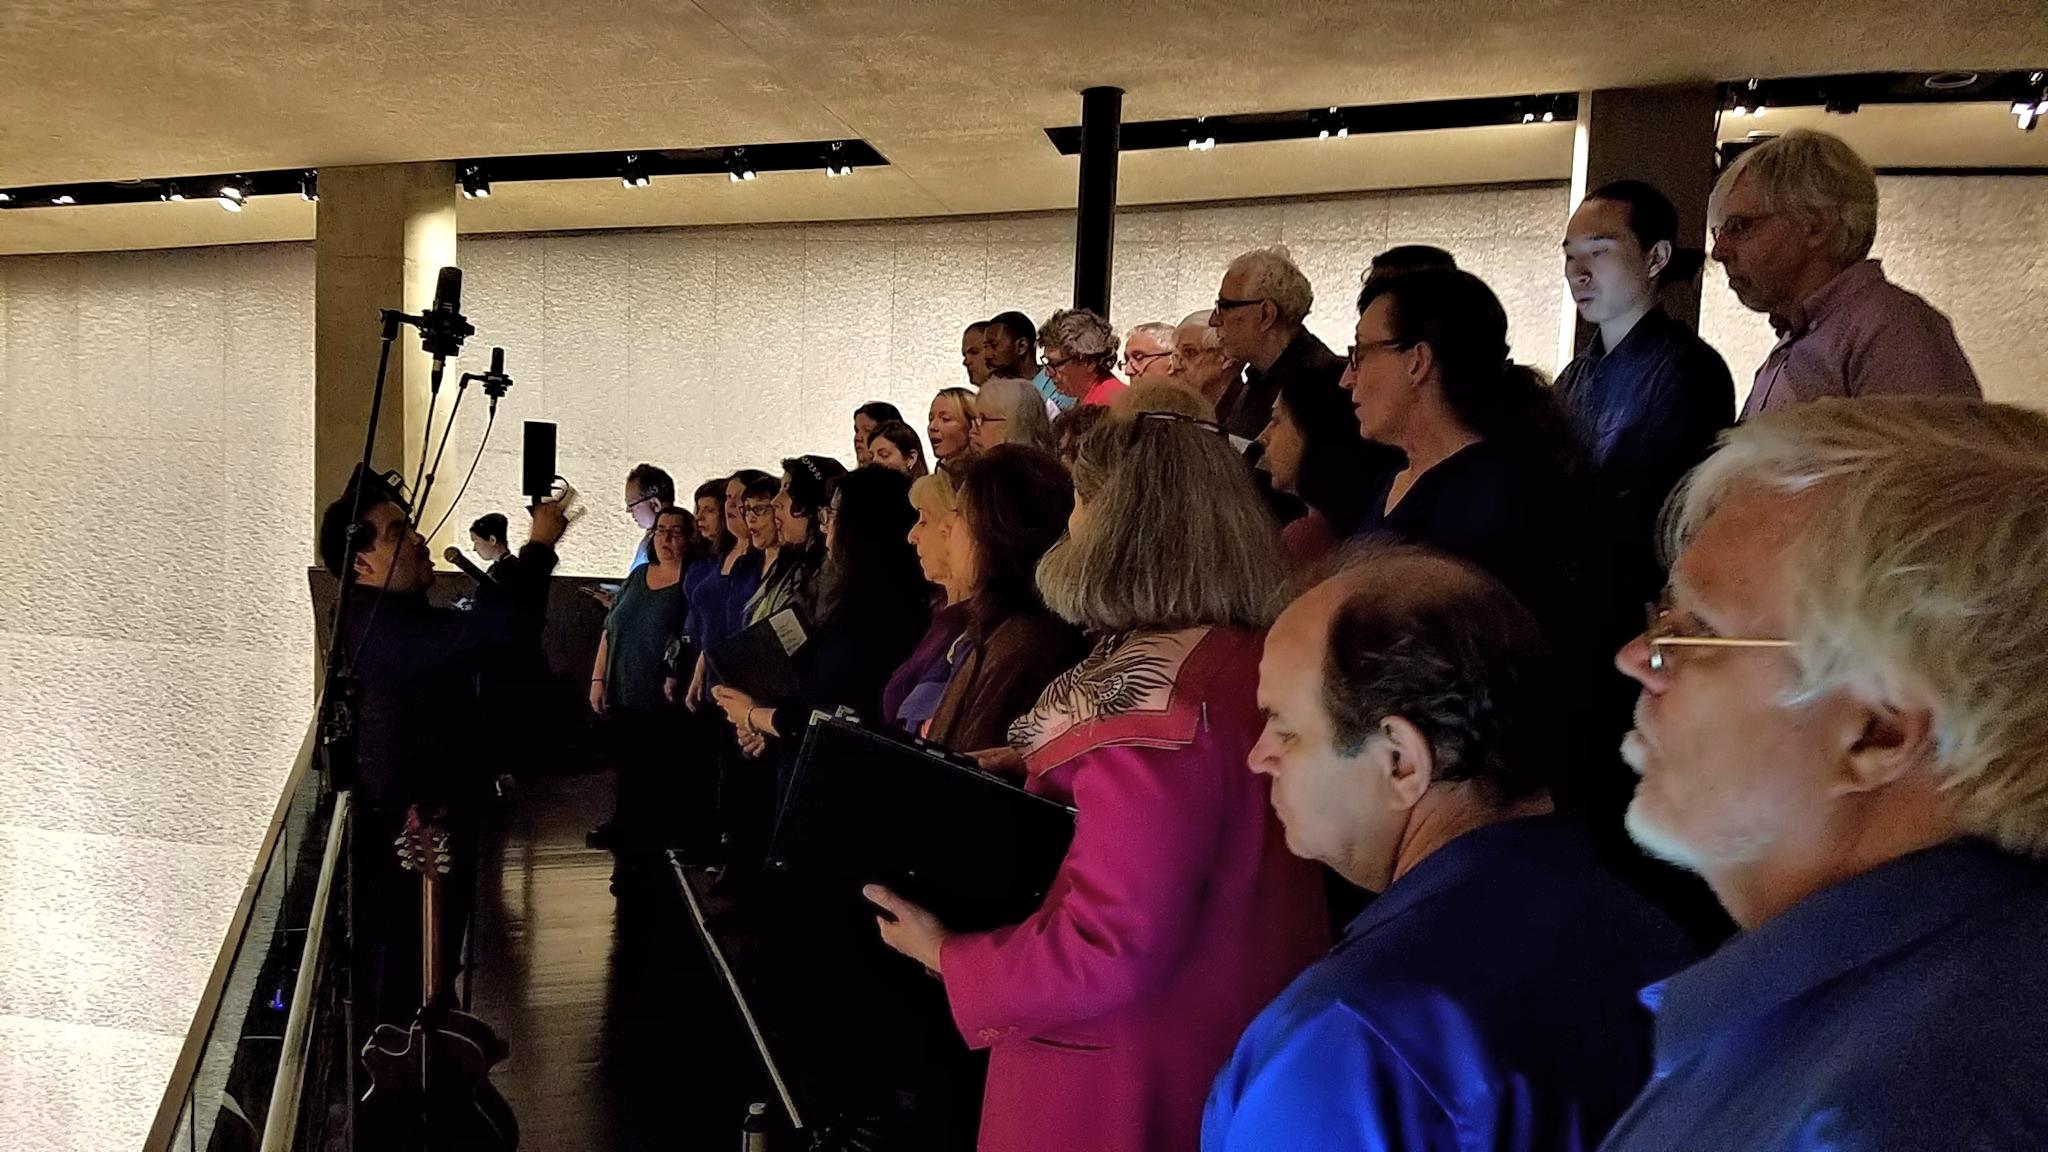 Choir Singing - Fill Flash, Fill Light & Clarity.jpg